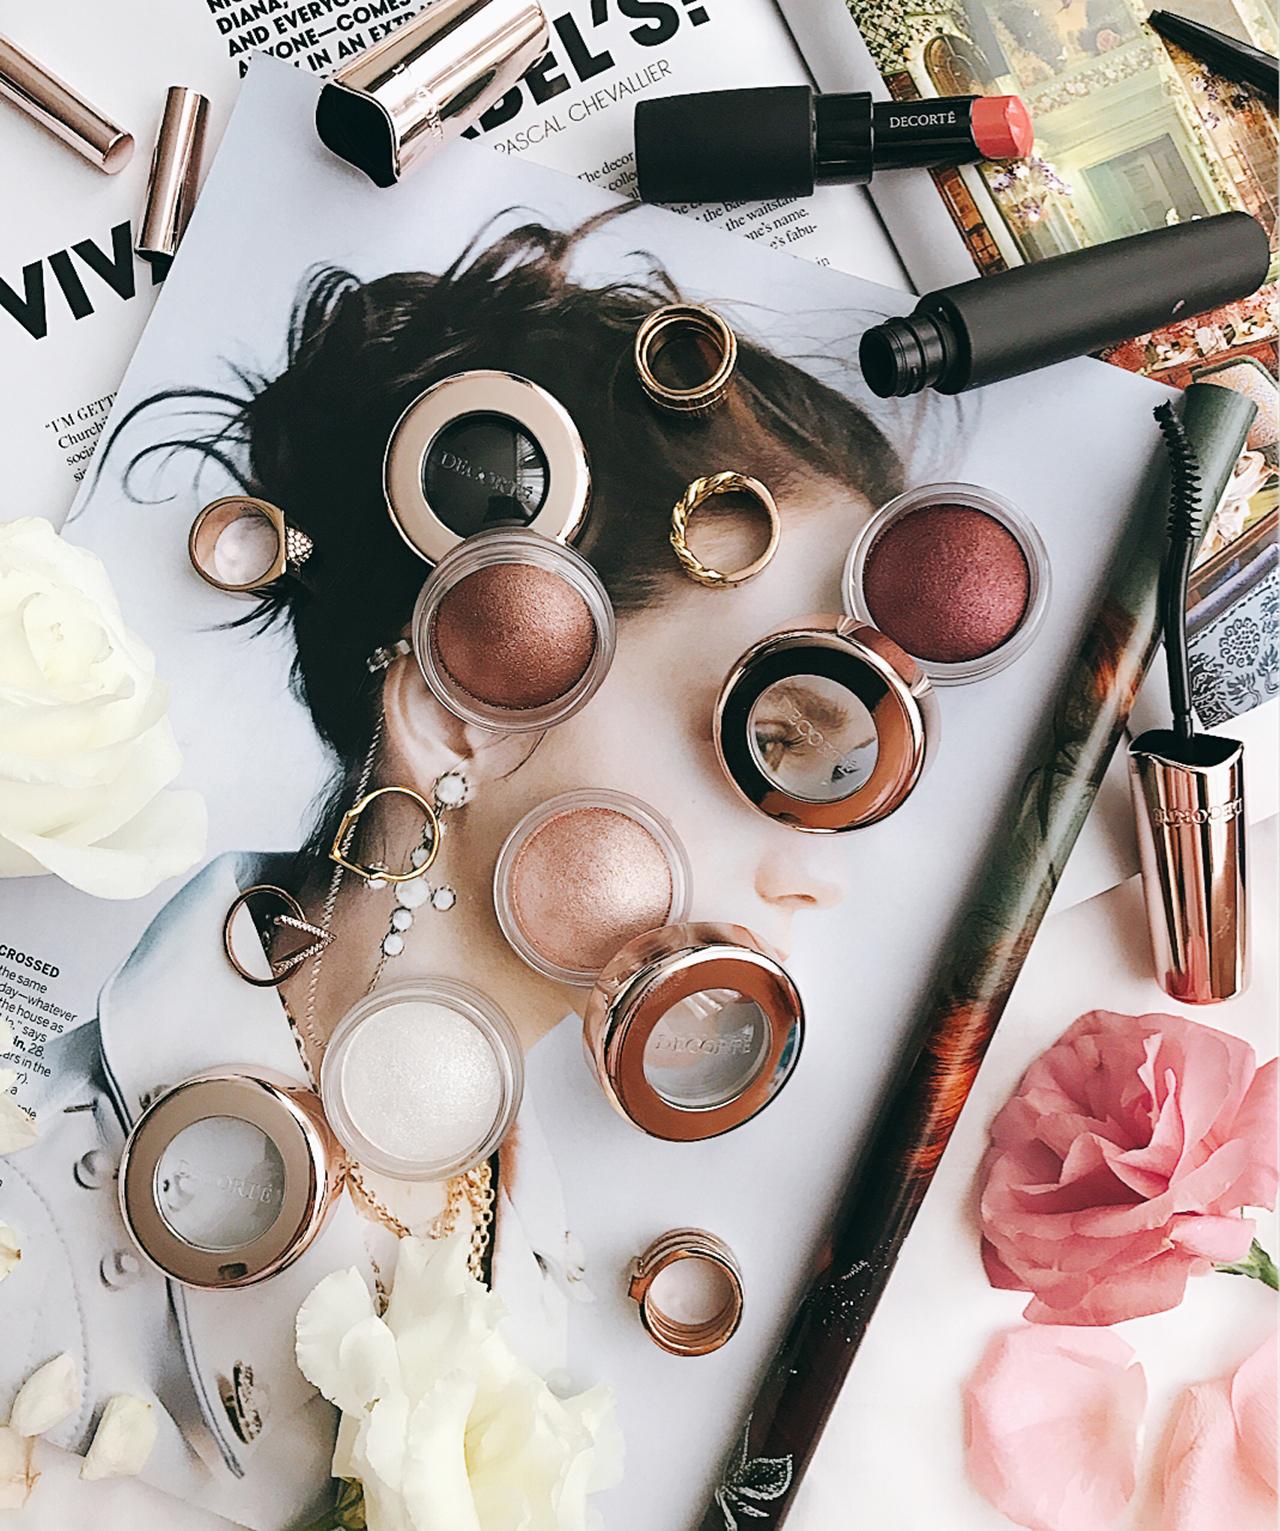 Cosme Decorte Glow Eye Gem Spring 2018